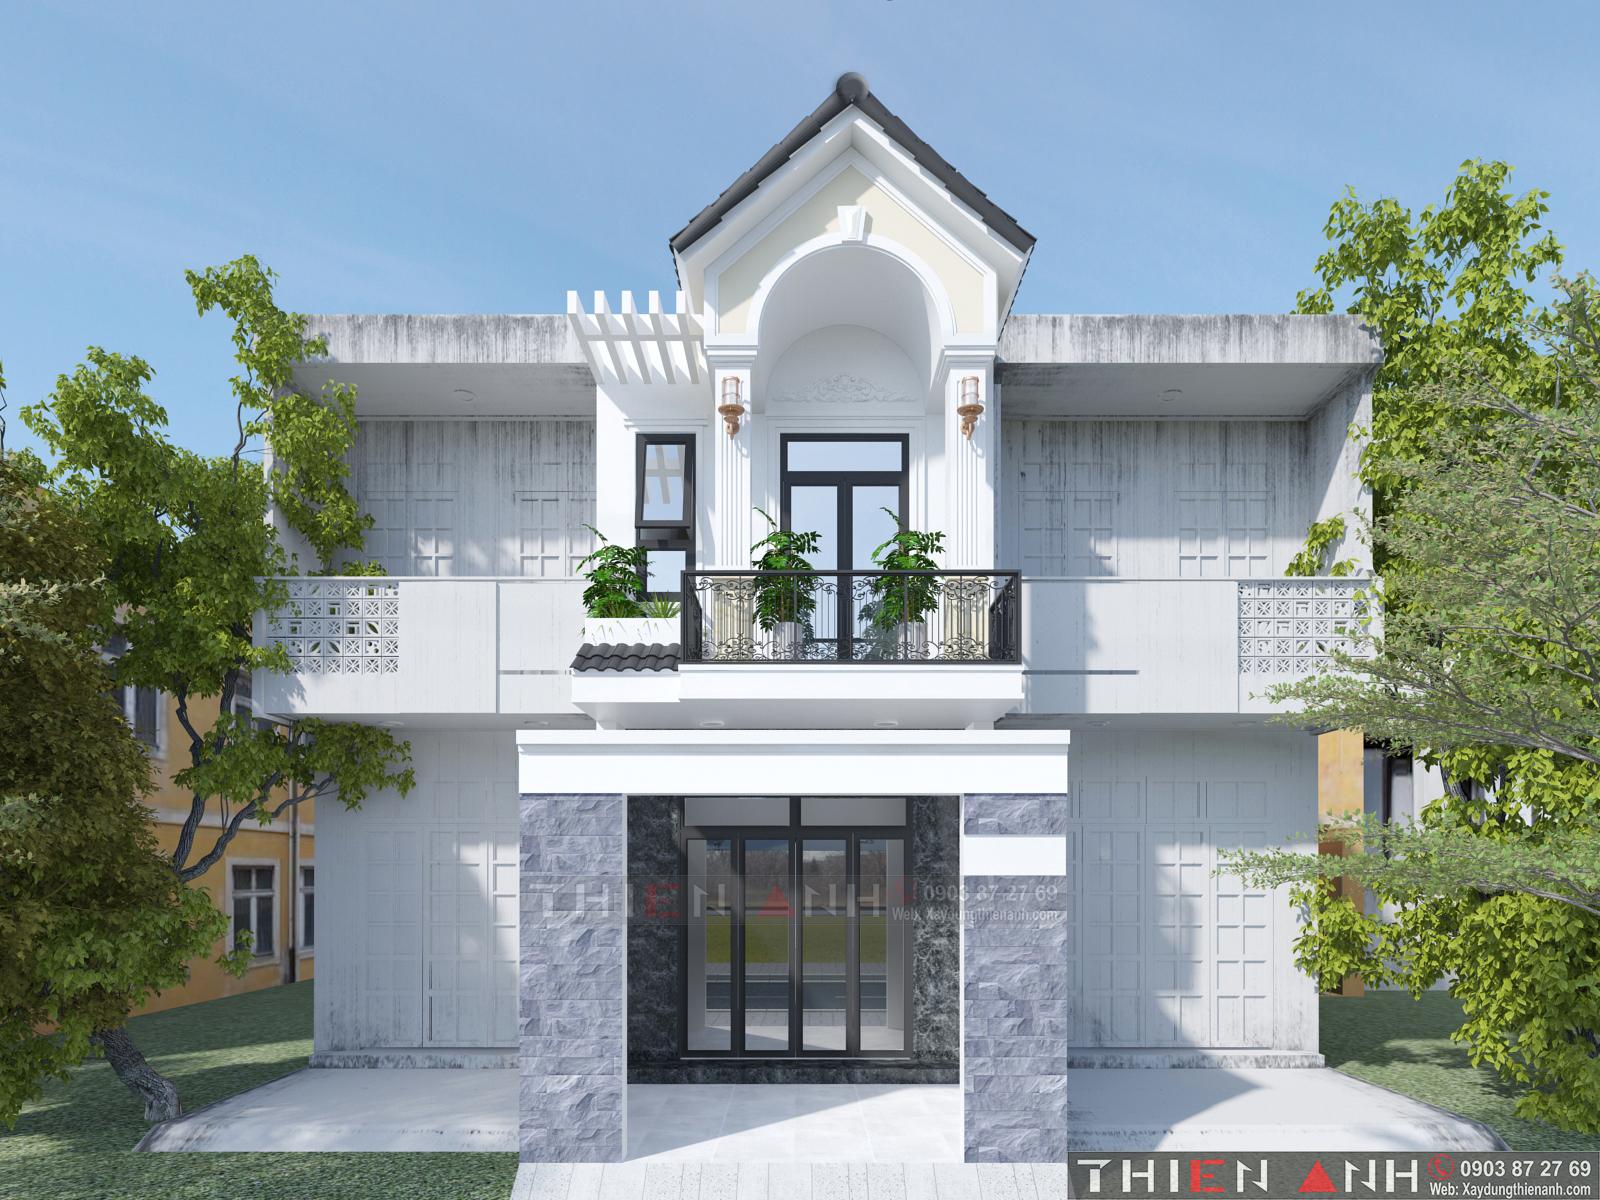 Mẫu thiết kế nhà ở Bình Dương đẹp bạn không thể không quan tâm